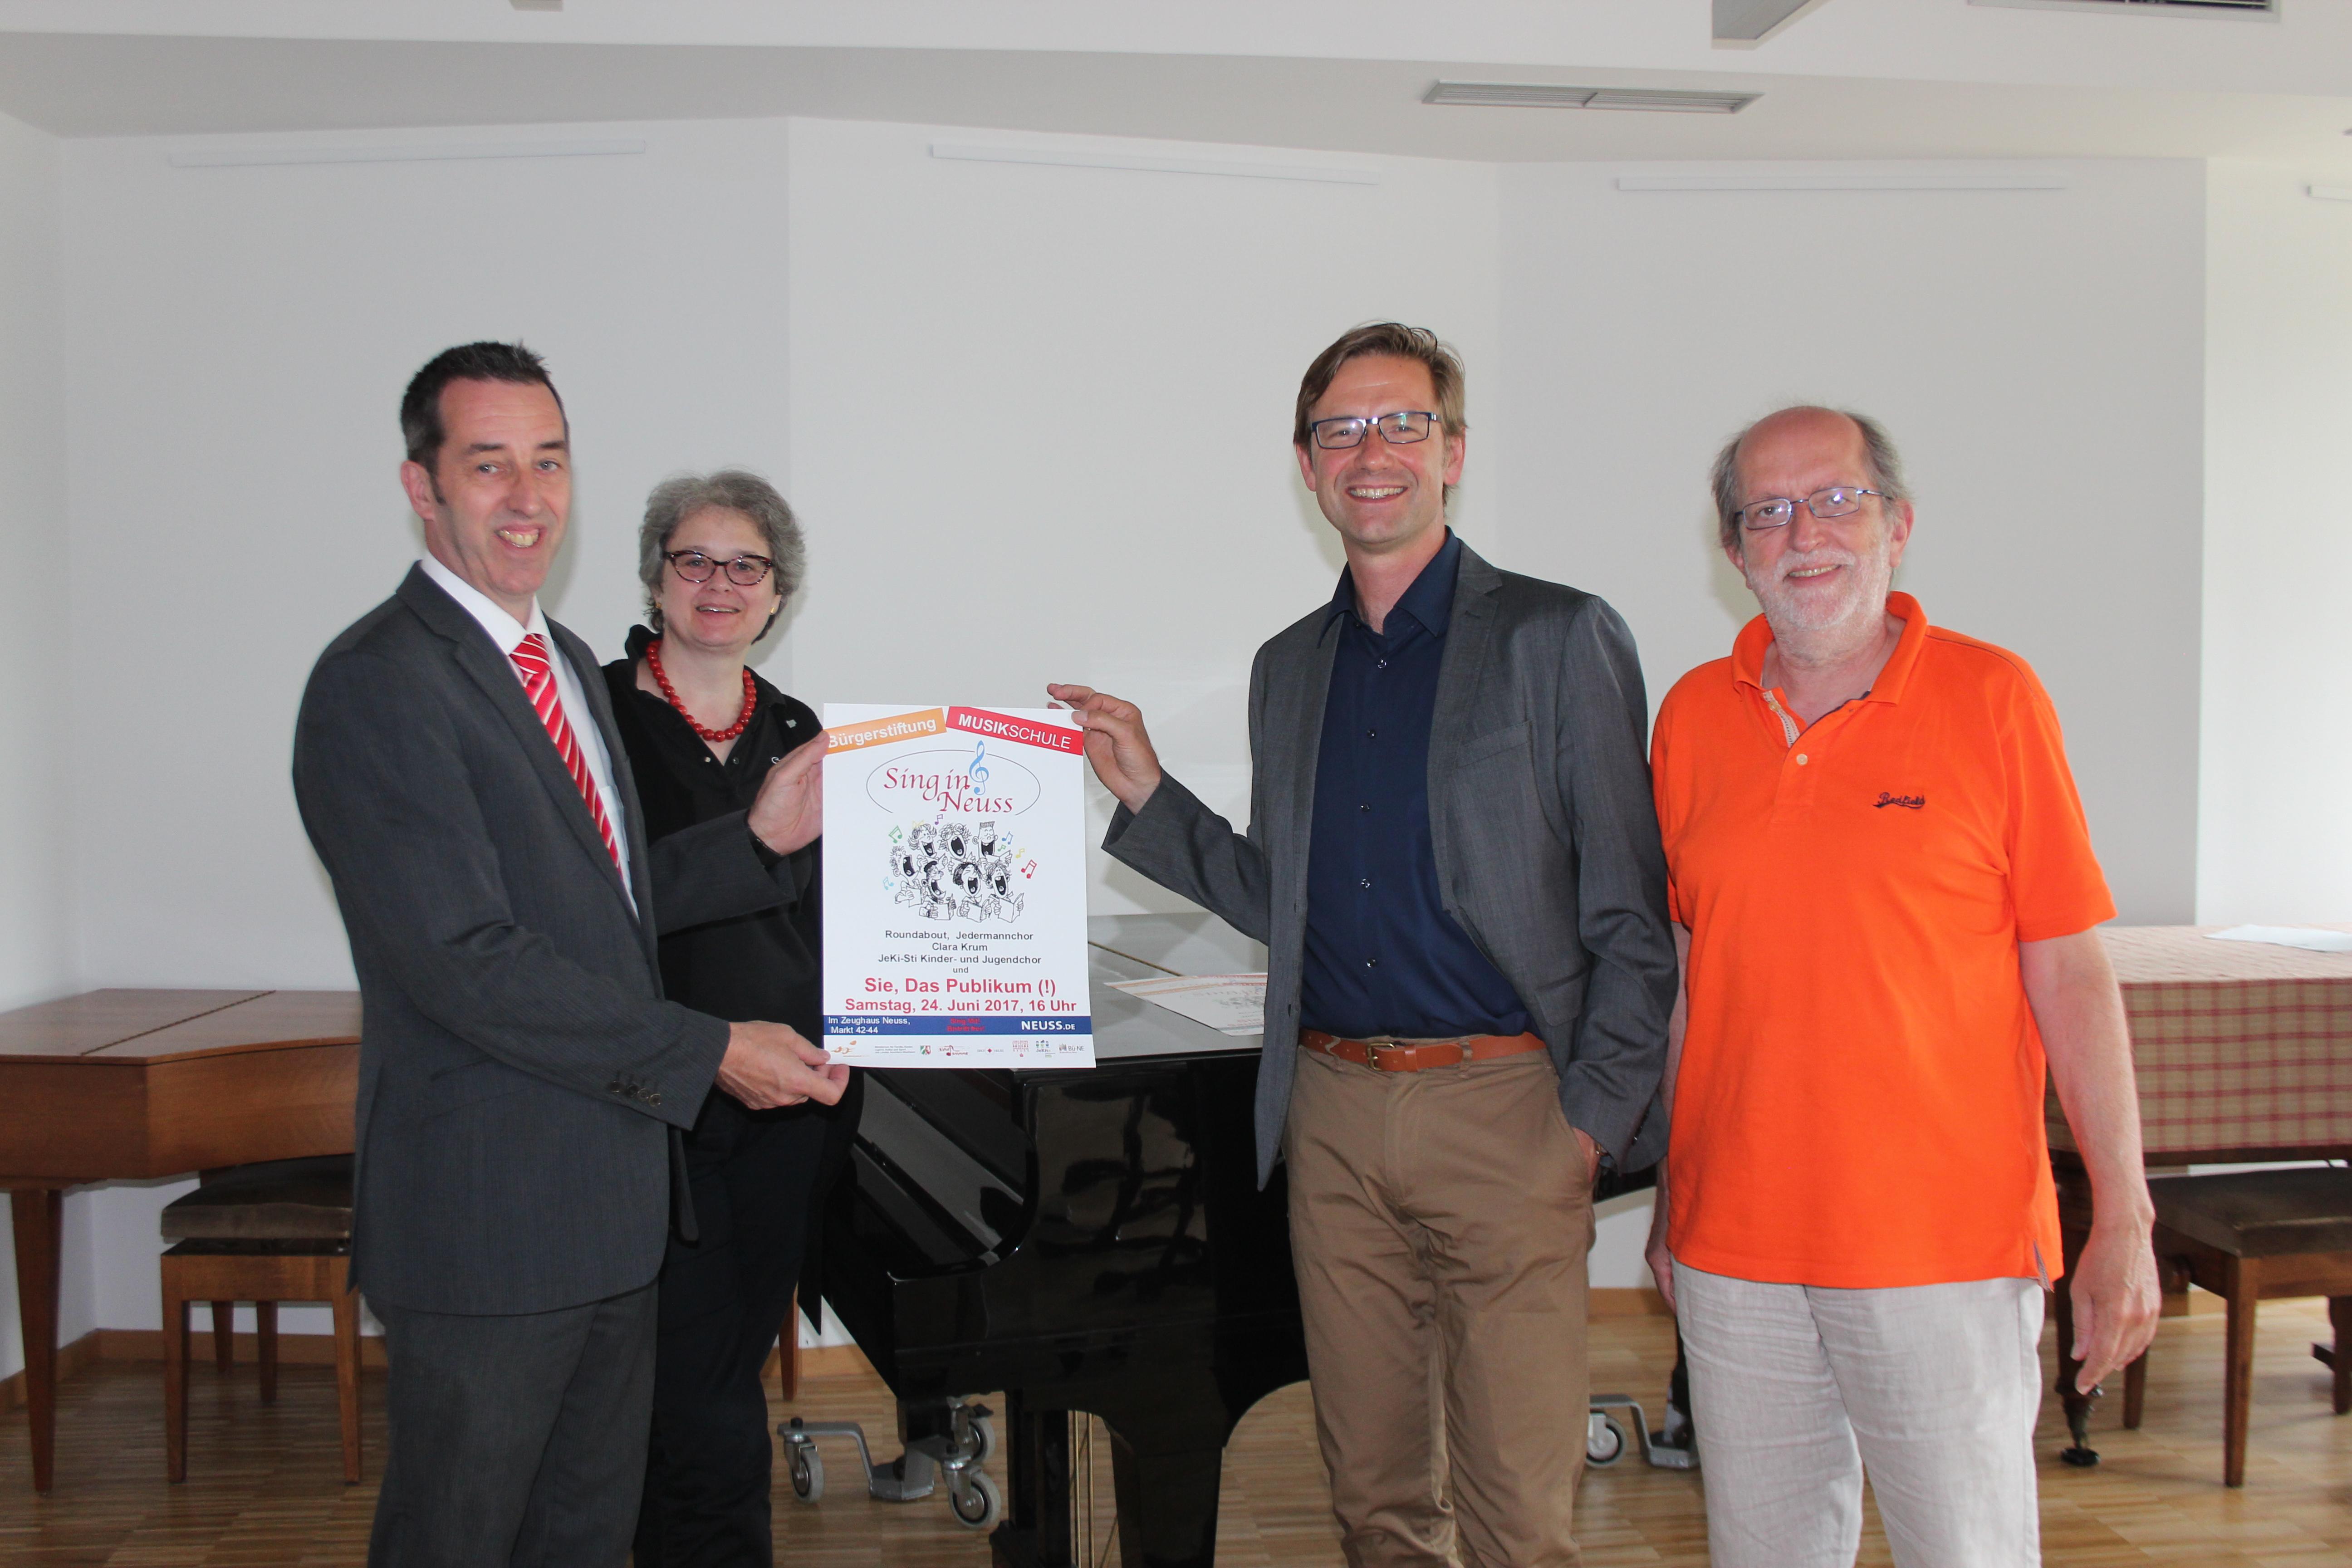 Musikschulleiter Holger Müller (2. v.r) und sein Stellvertreter Jochen Büttner (r.) mit Dorothea Gravemann, Vorsitzende Bürgerstiftung Neuss, und Volker Meierhöfer,  Jubiläumsstiftung Sparkasse Neuss.